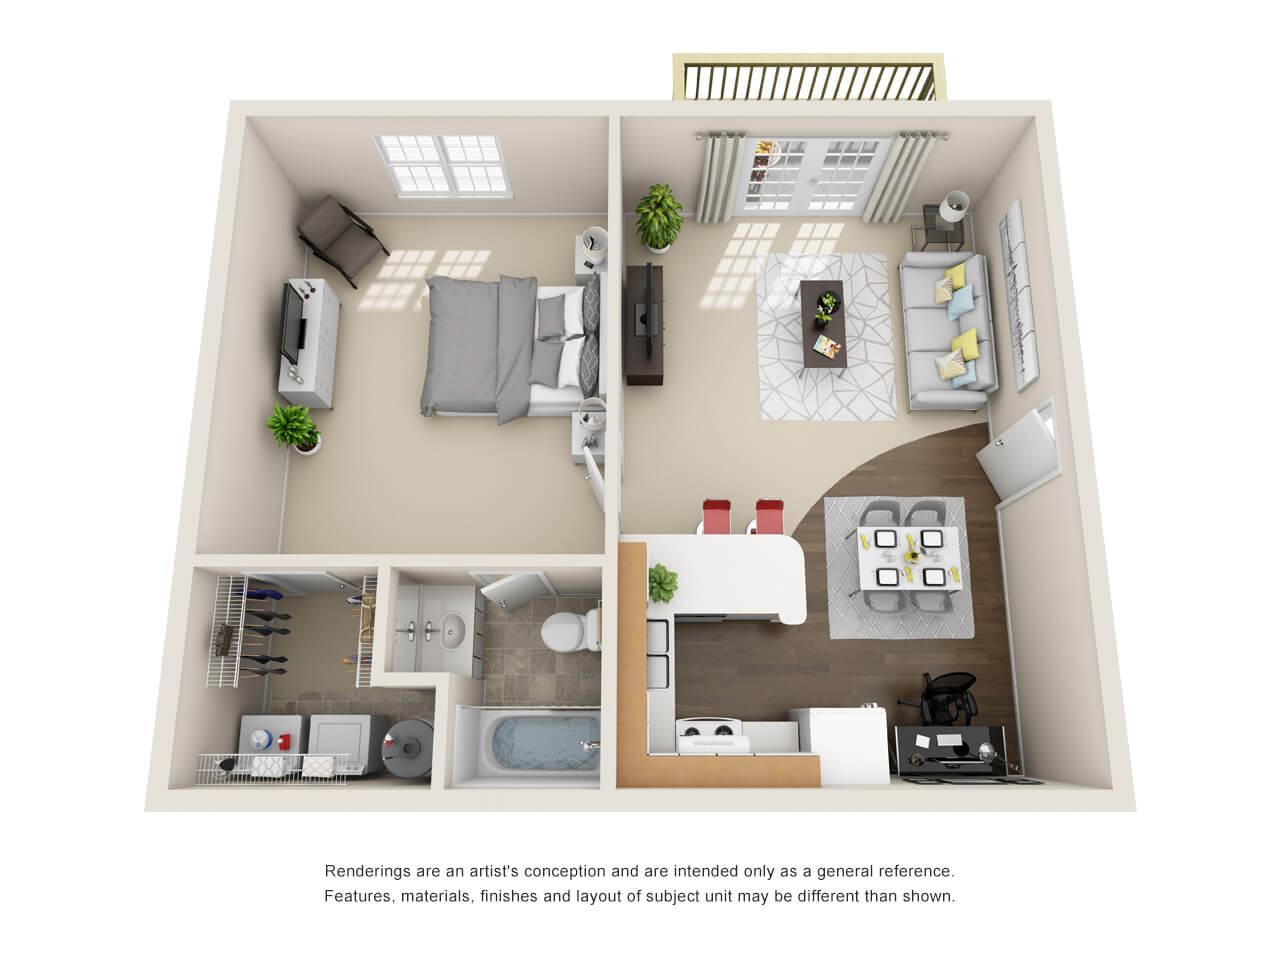 Hudson 2D Image